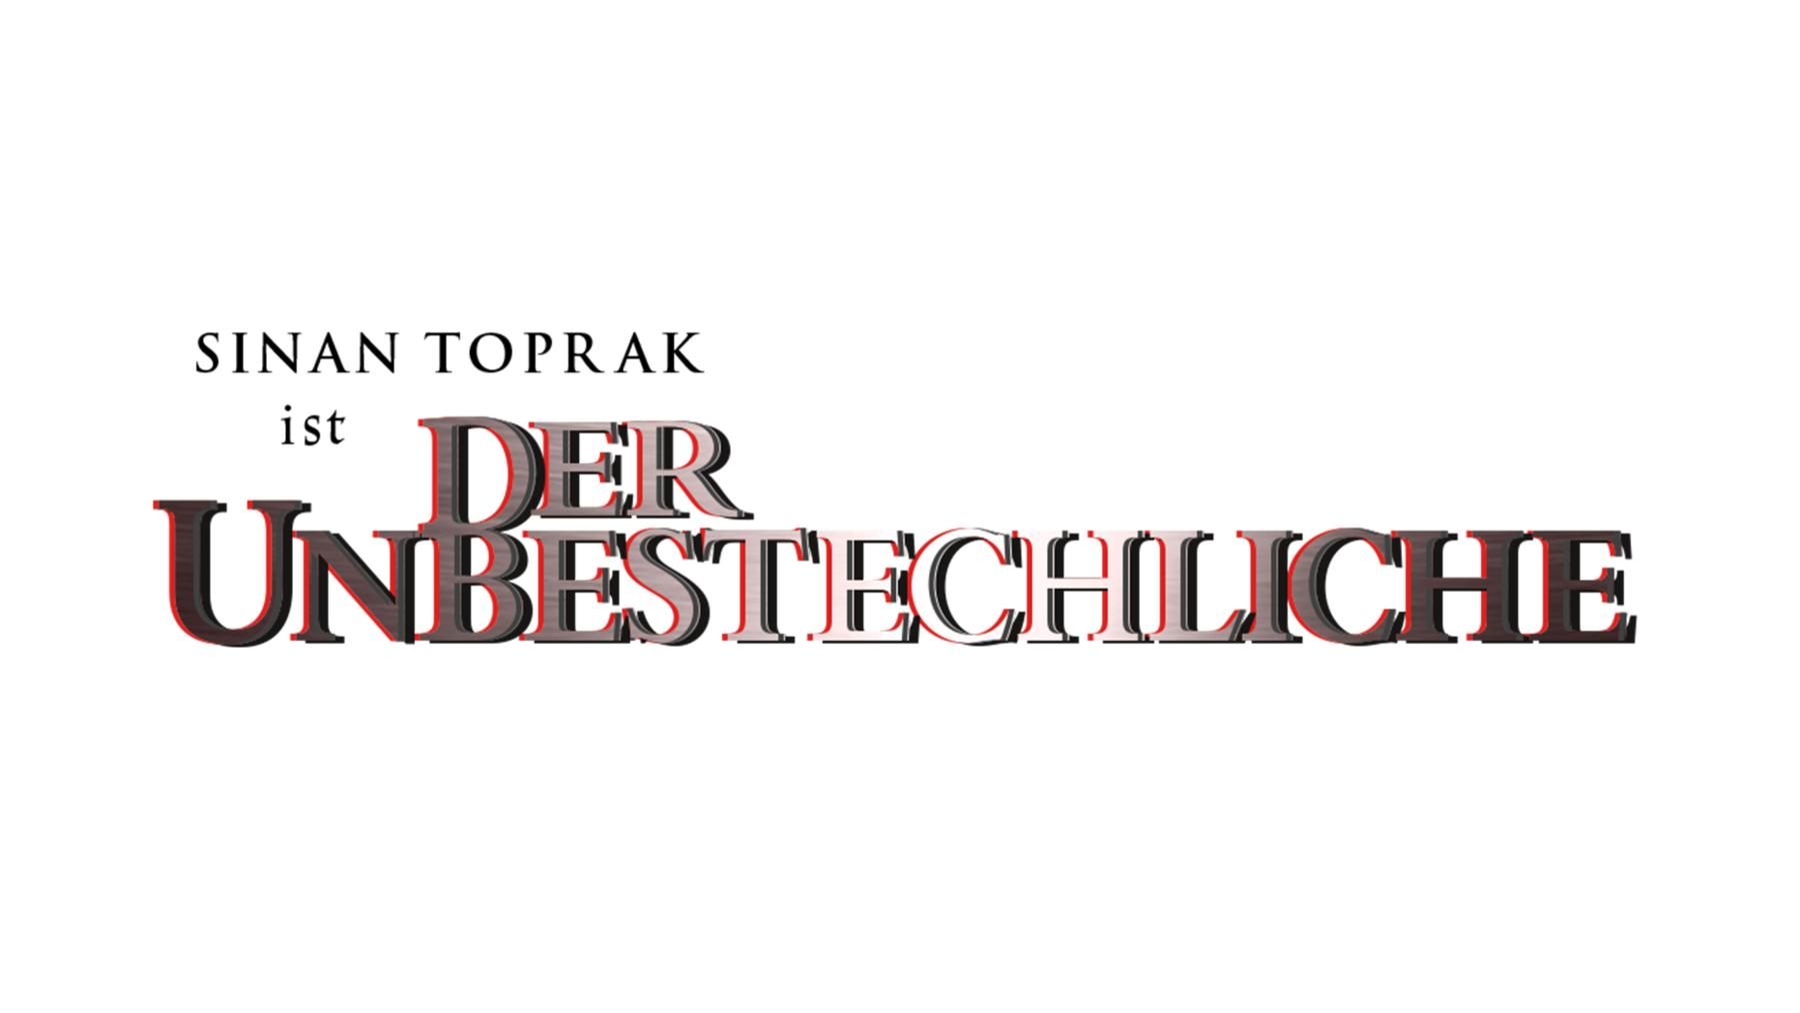 Sinan Toprak ist der Unbestechliche